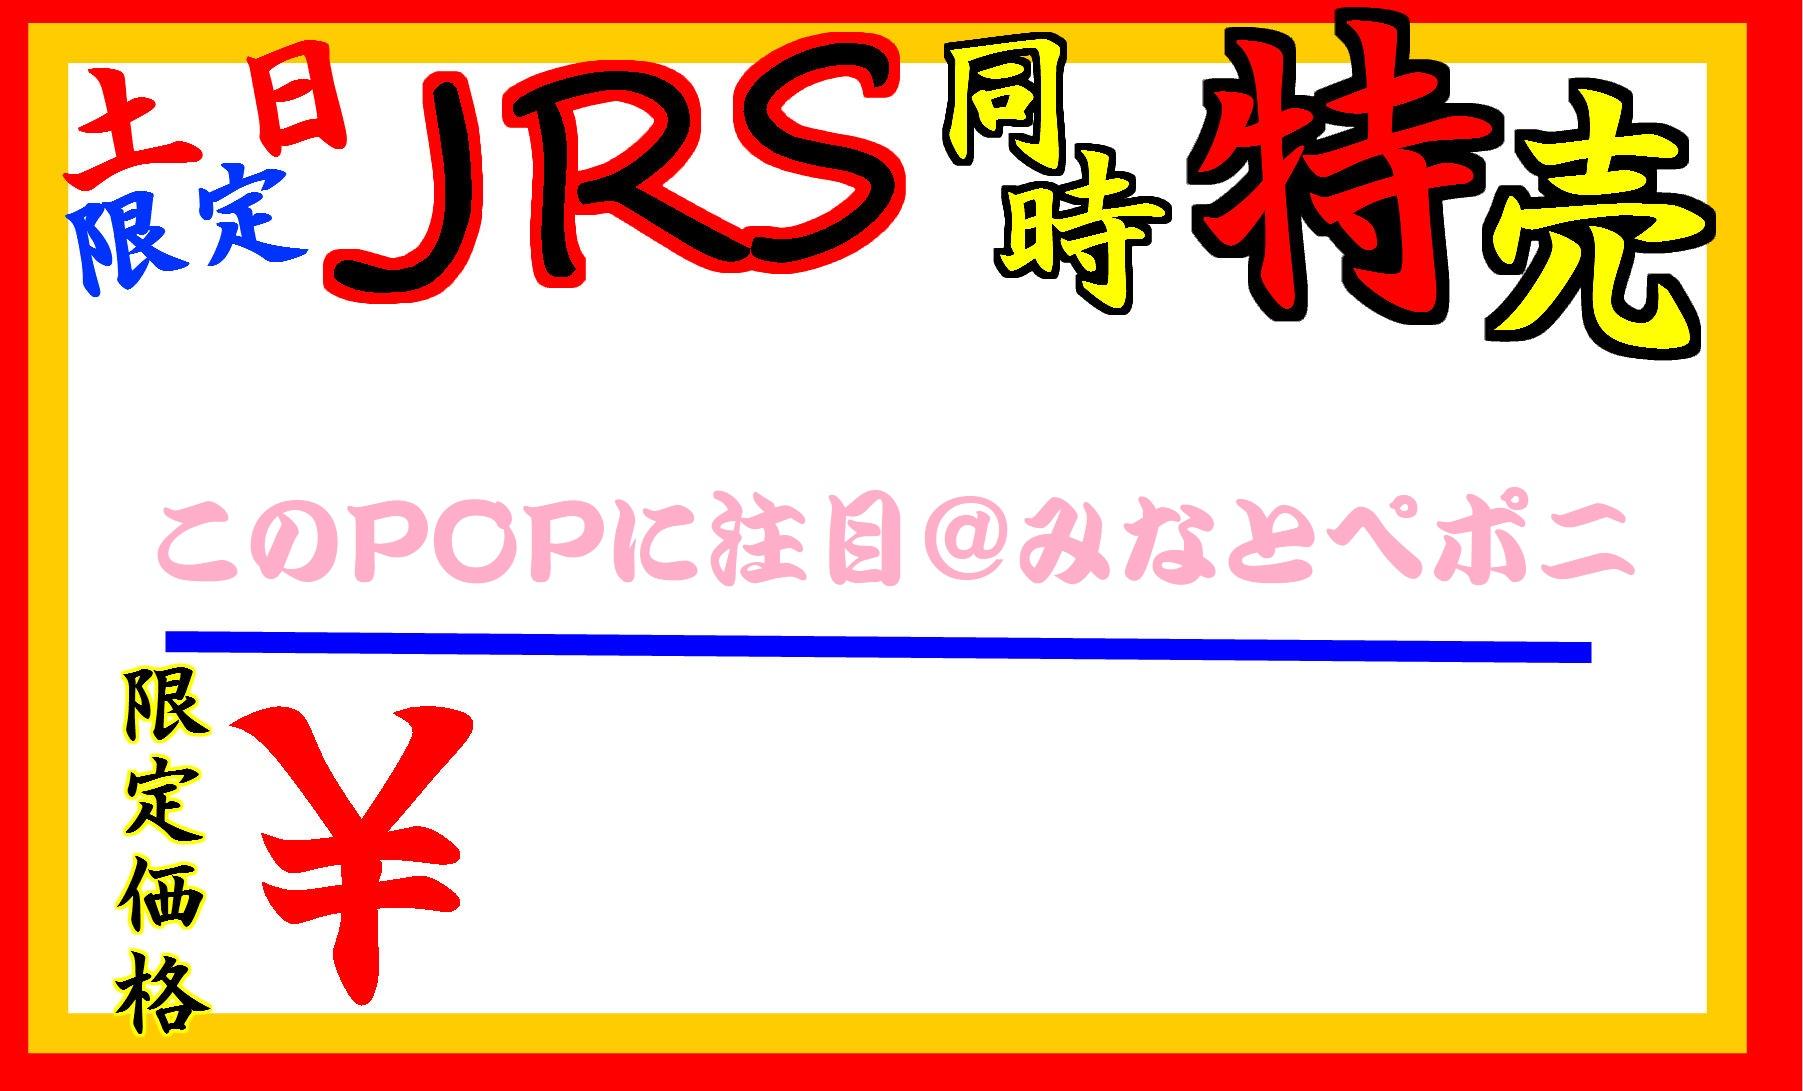 冬レプ同時特売@みなとペポニ